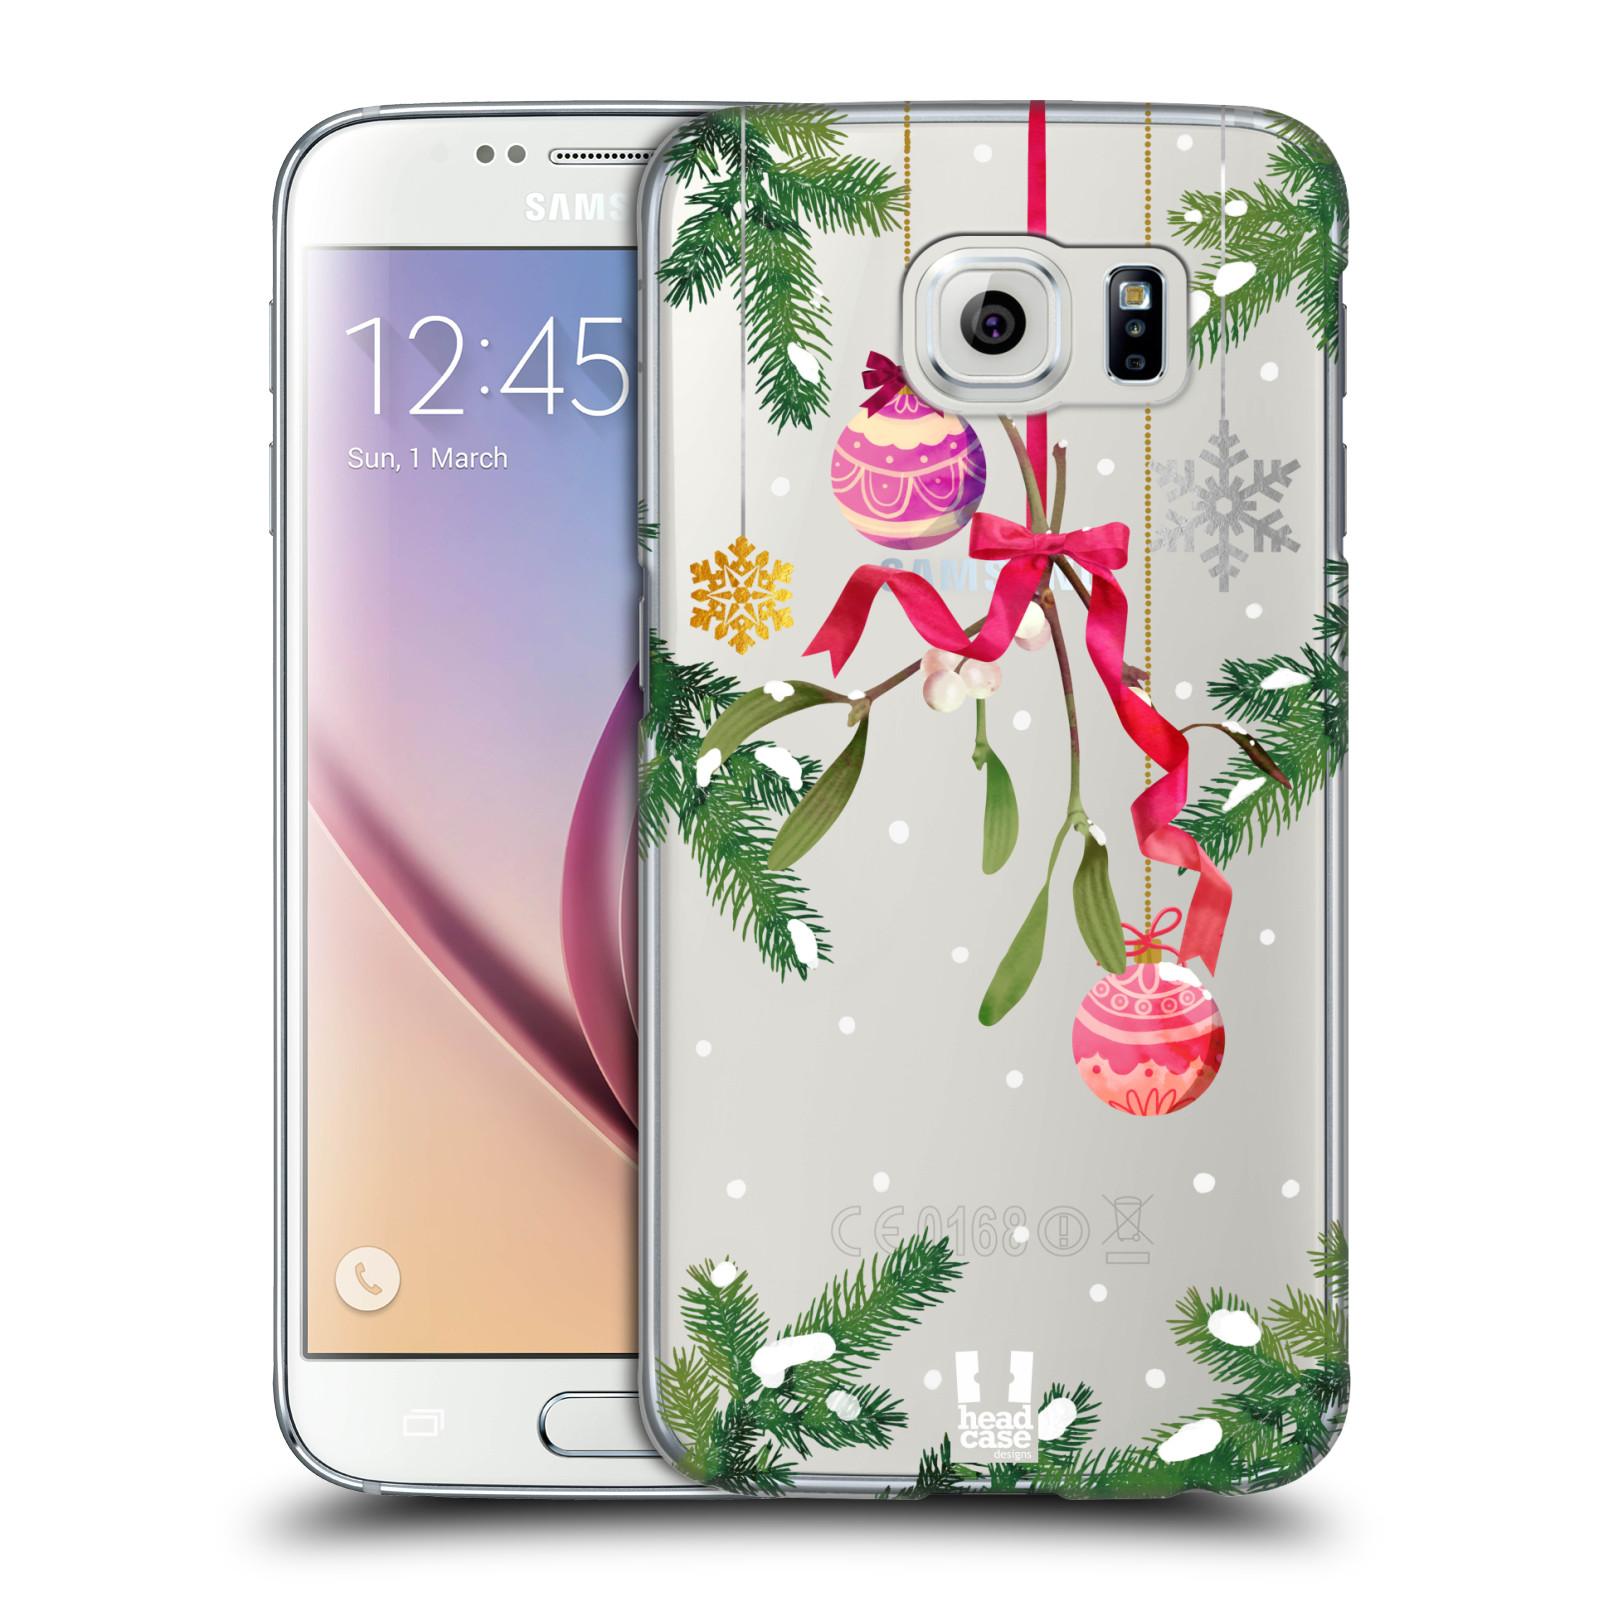 Plastové pouzdro na mobil Samsung Galaxy S6 - Head Case - Větvičky a vánoční ozdoby